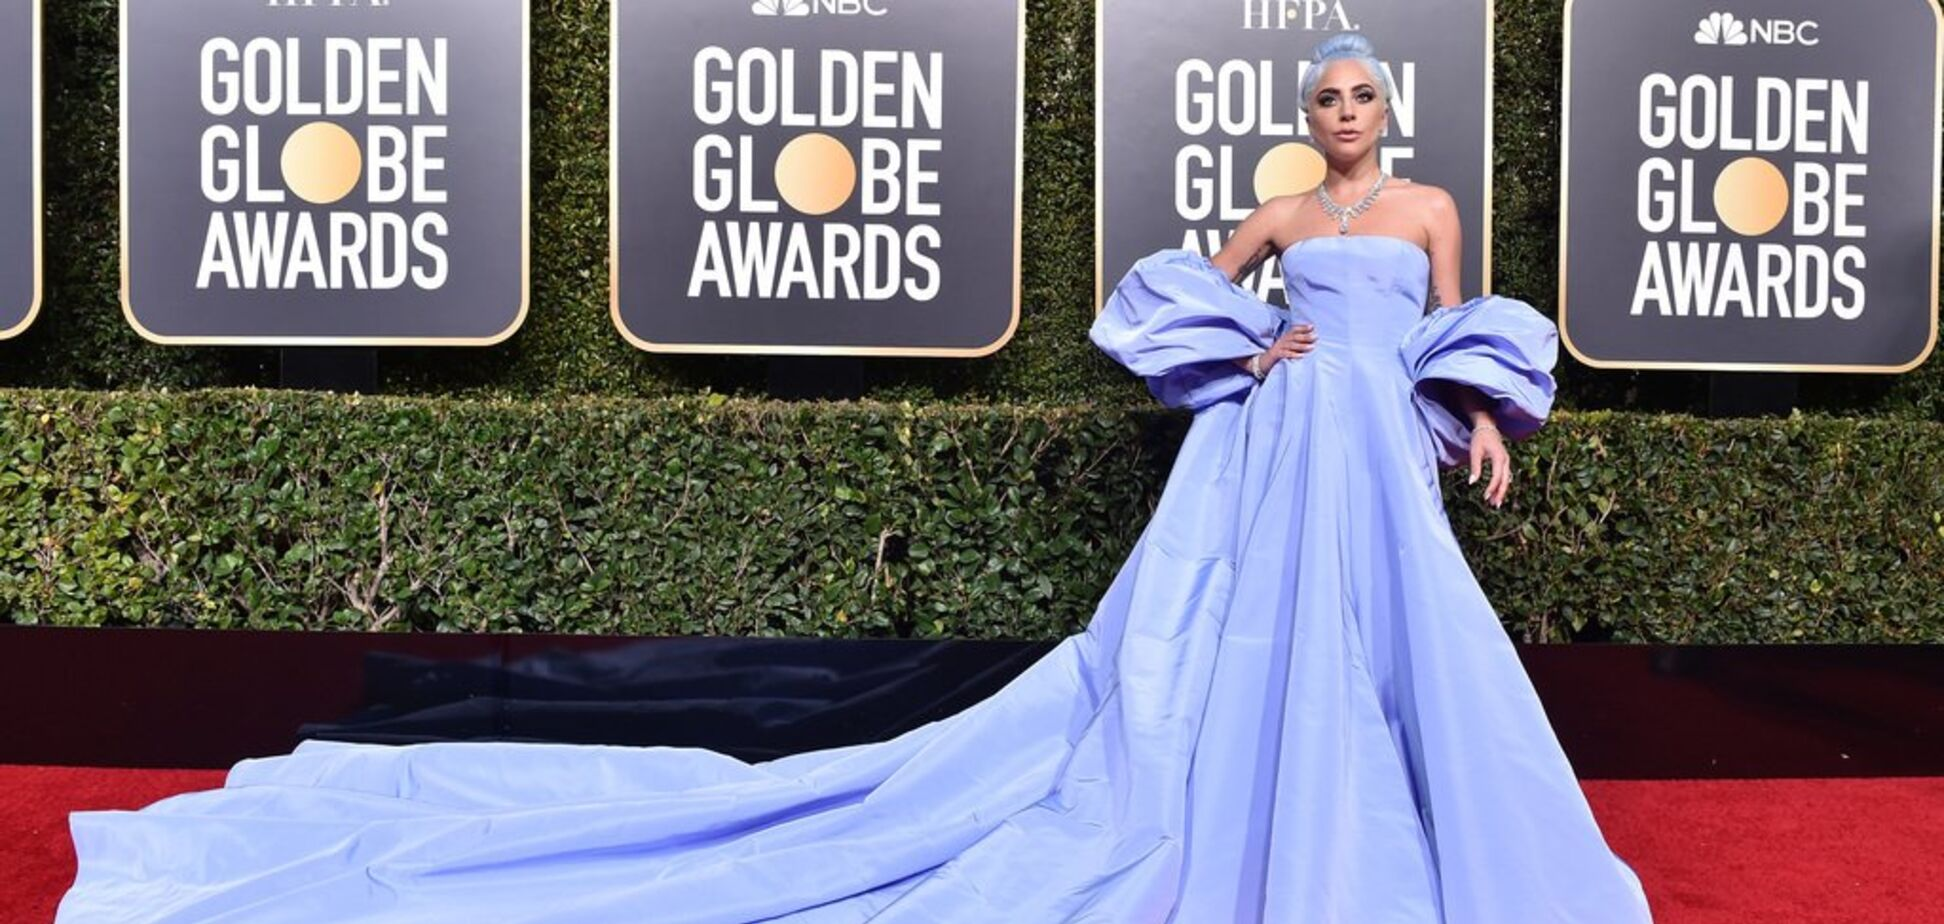 Золотой глобус 2019: самые смелые образы на церемонии